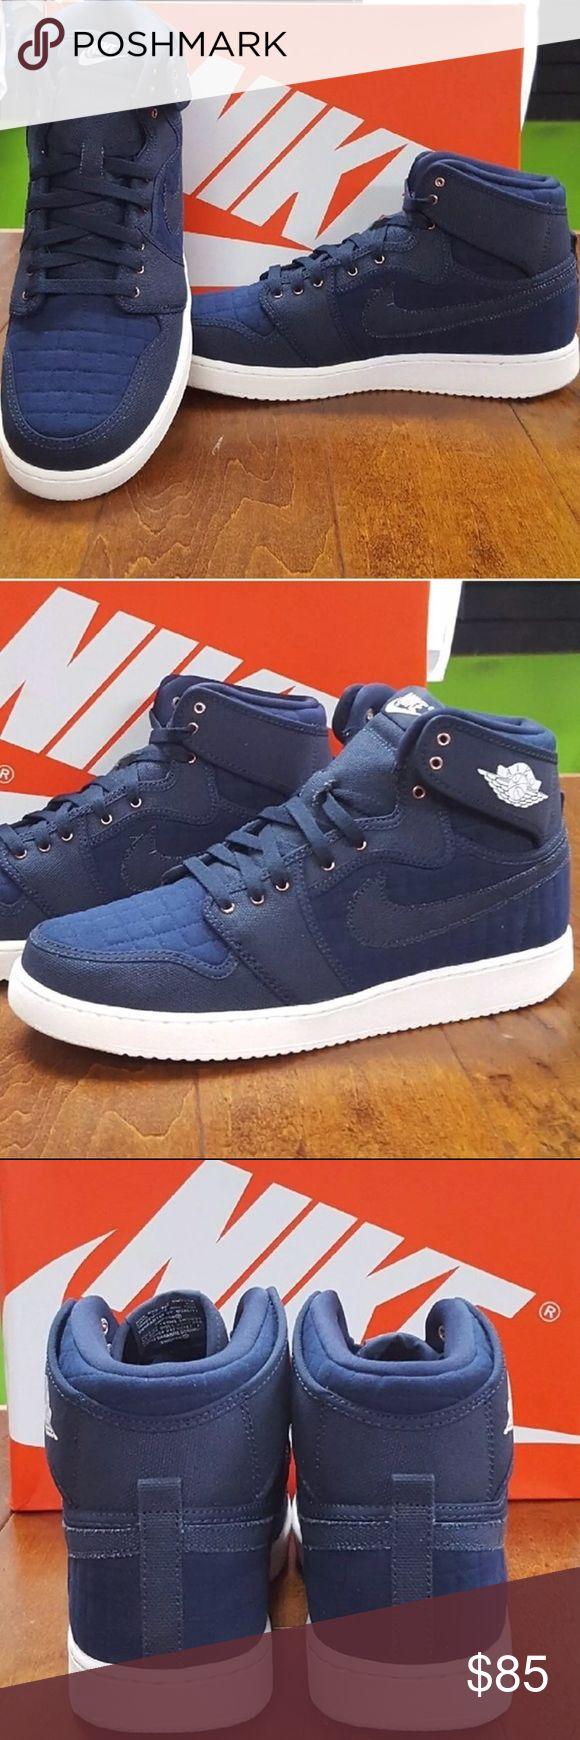 Air Jordan's sz 12 new with box Air Jordan's sz 12 new with box Air Jordan Shoes Sneakers